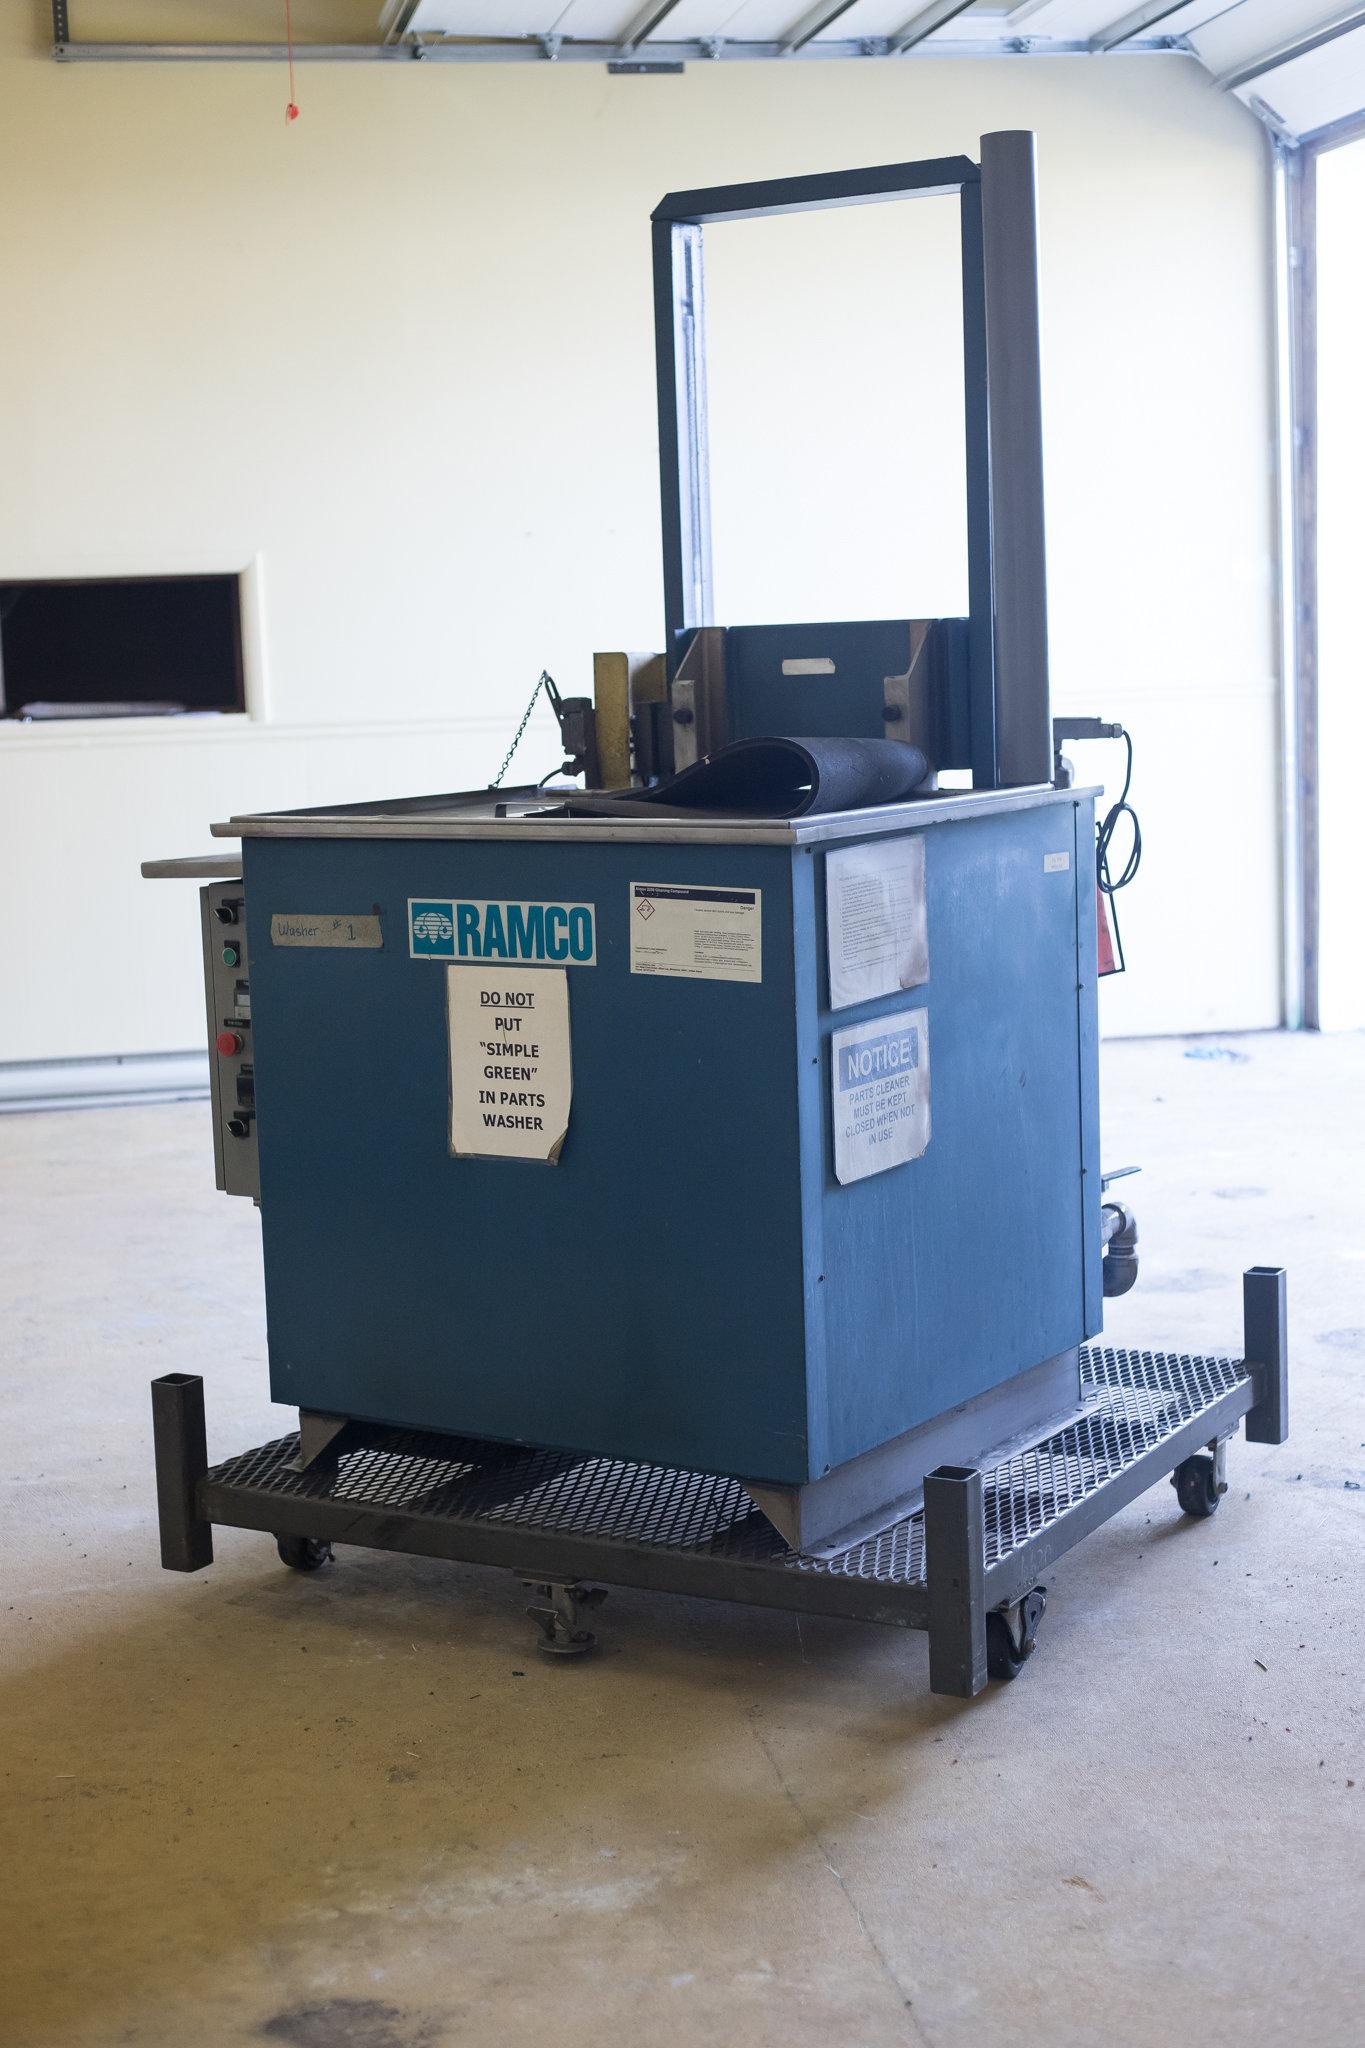 Ramco Parts Washer 500 lb capacity